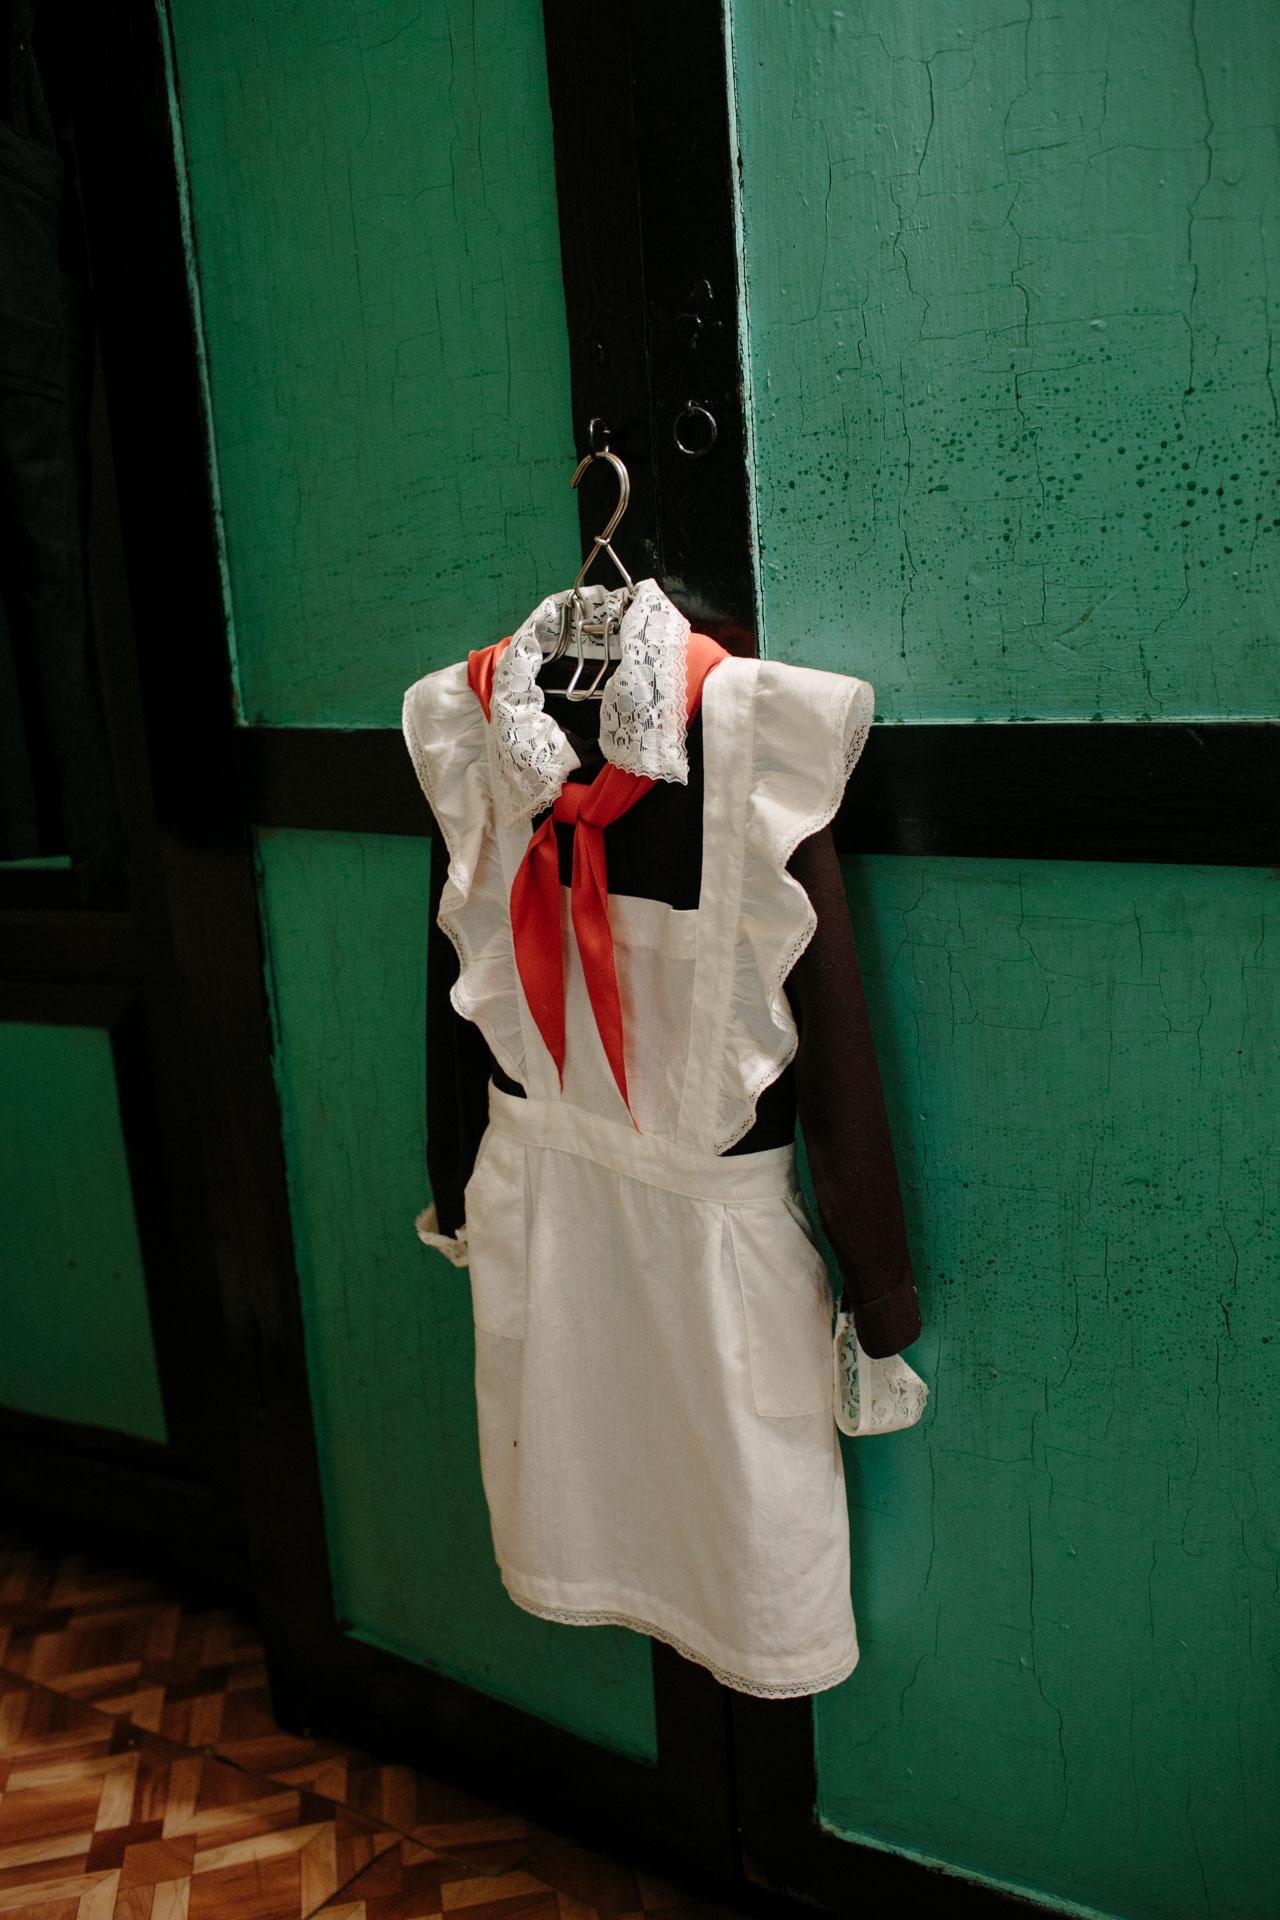 На фотографии школьная форма времён СССР: белый фартук, кружевные манжеты и воротничок, красный пионерский галстук. Весит на вешалке в помещении школьного музея в посёлке Судома Вельского района.